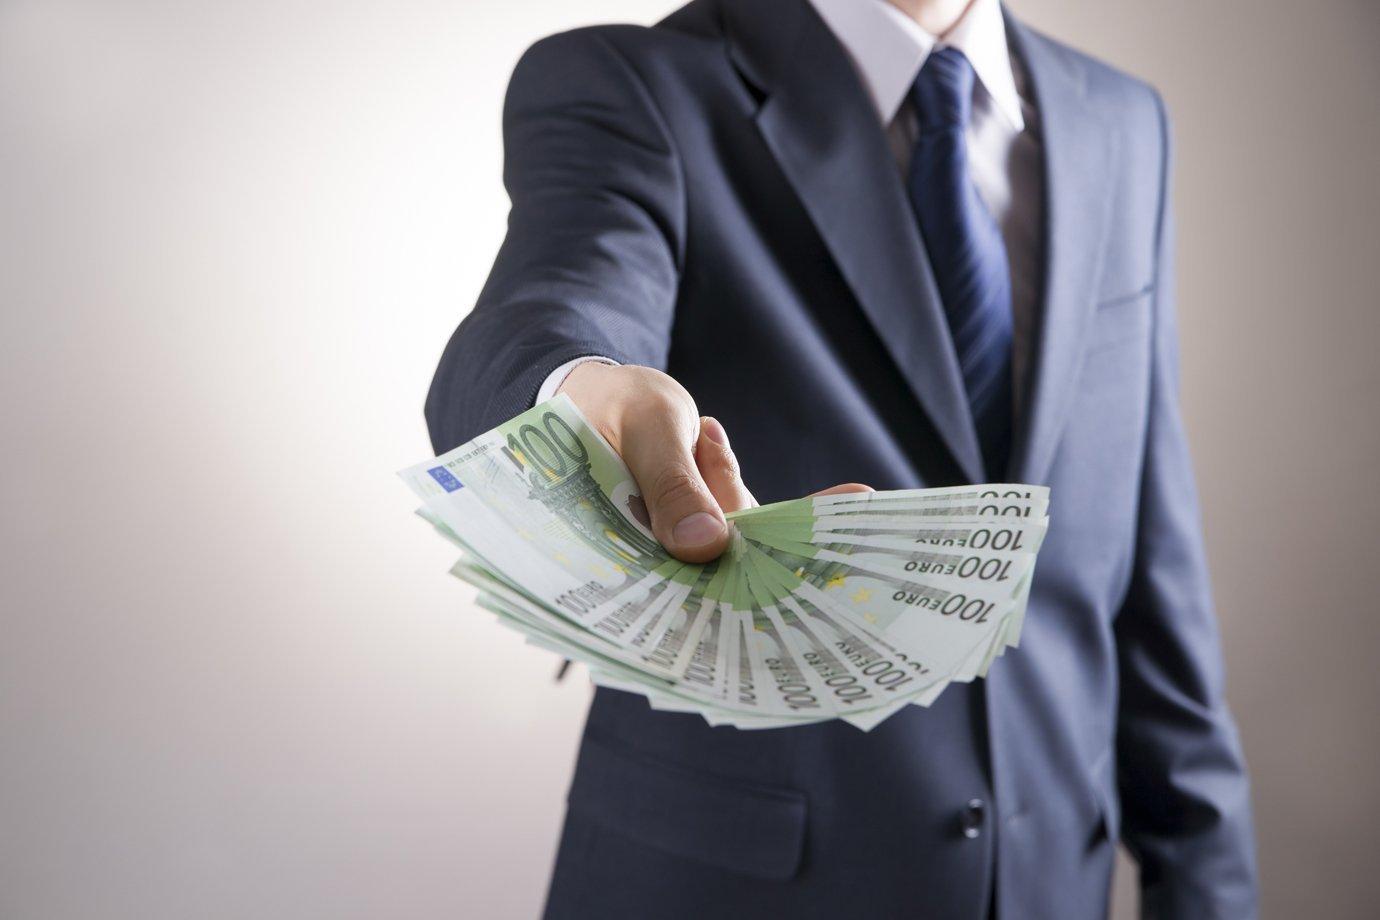 Chefe prometeu aumento de salário e não cumpriu? Você pode ser indenizado |  Exame